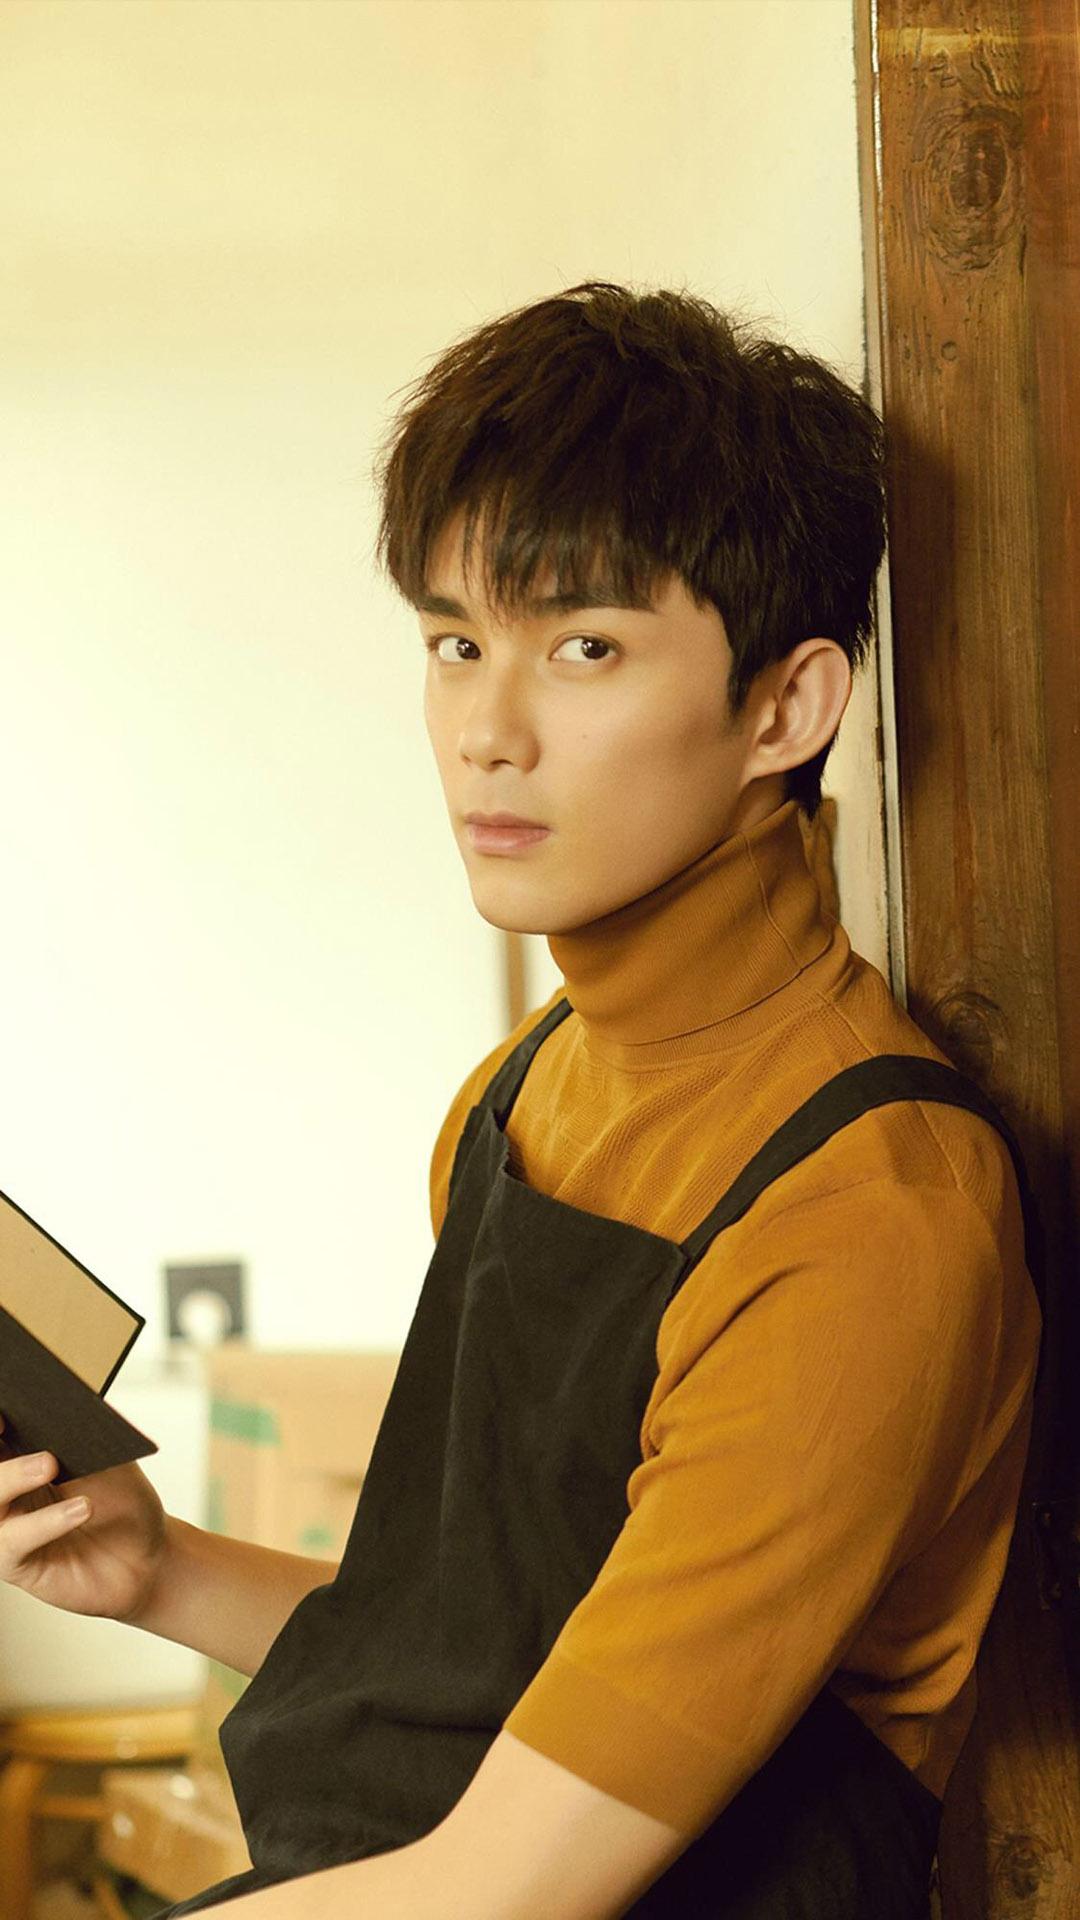 帅哥明星吴磊时尚写真苹果手机壁纸大全